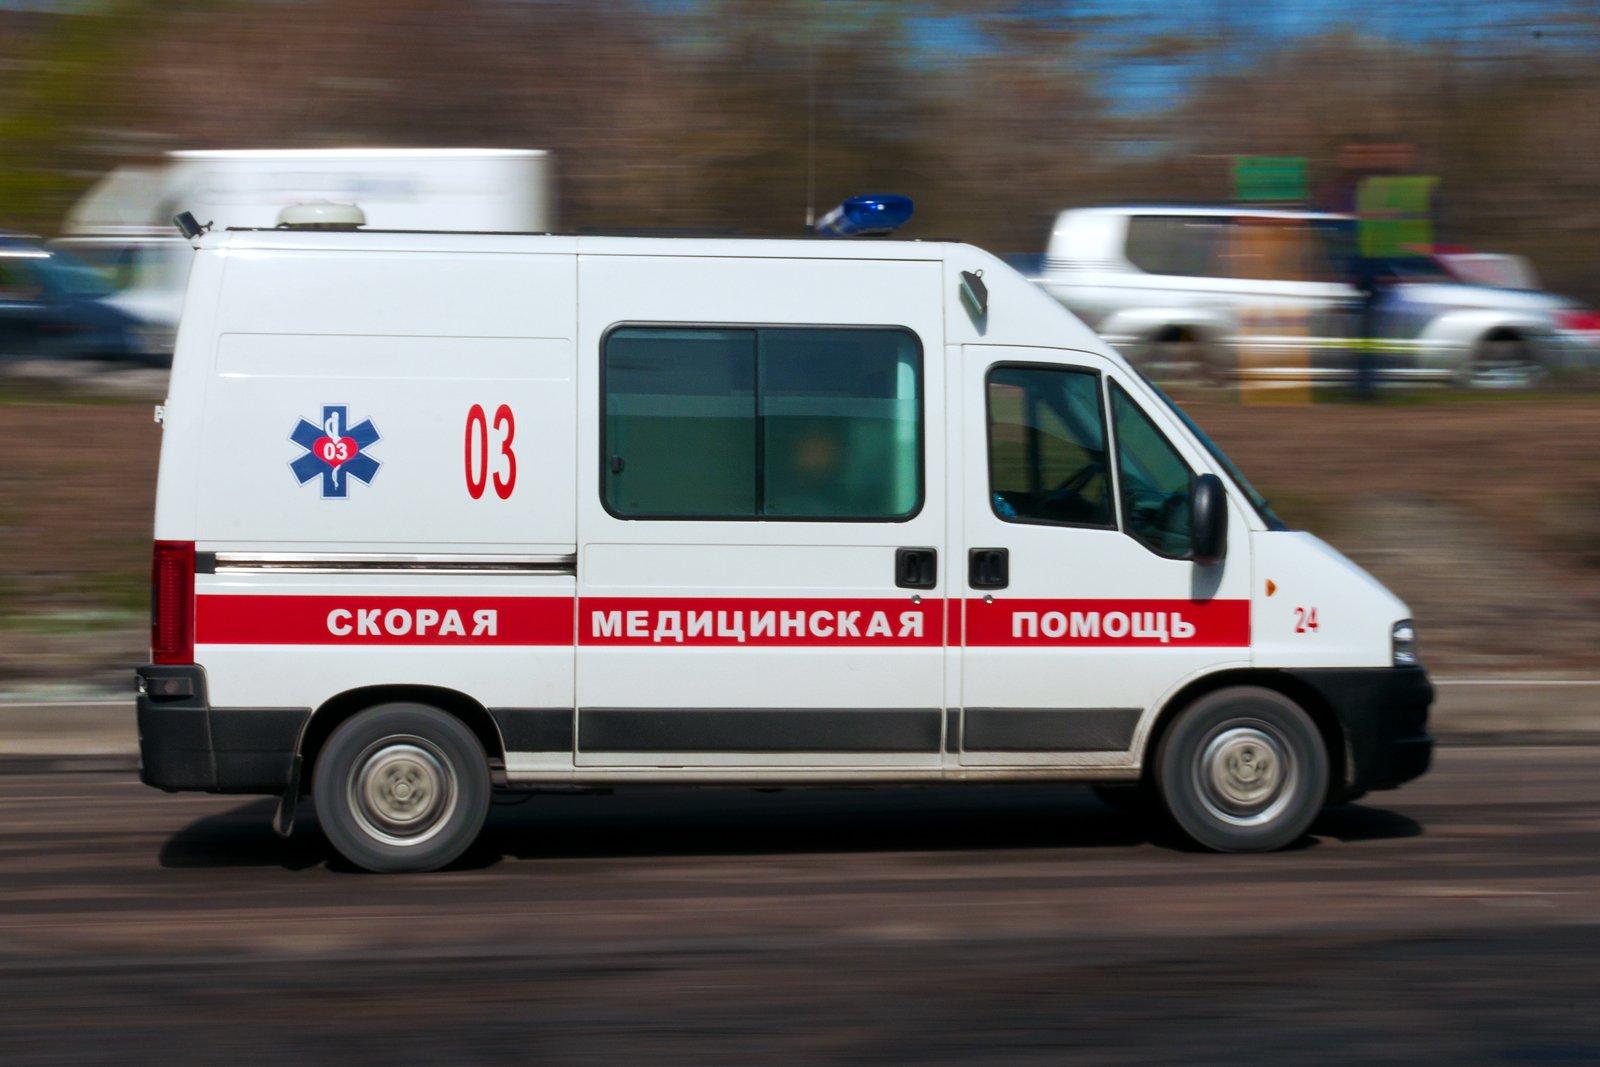 Ночью на Камышовом шоссе в Севастополе насмерть сбили мужчину